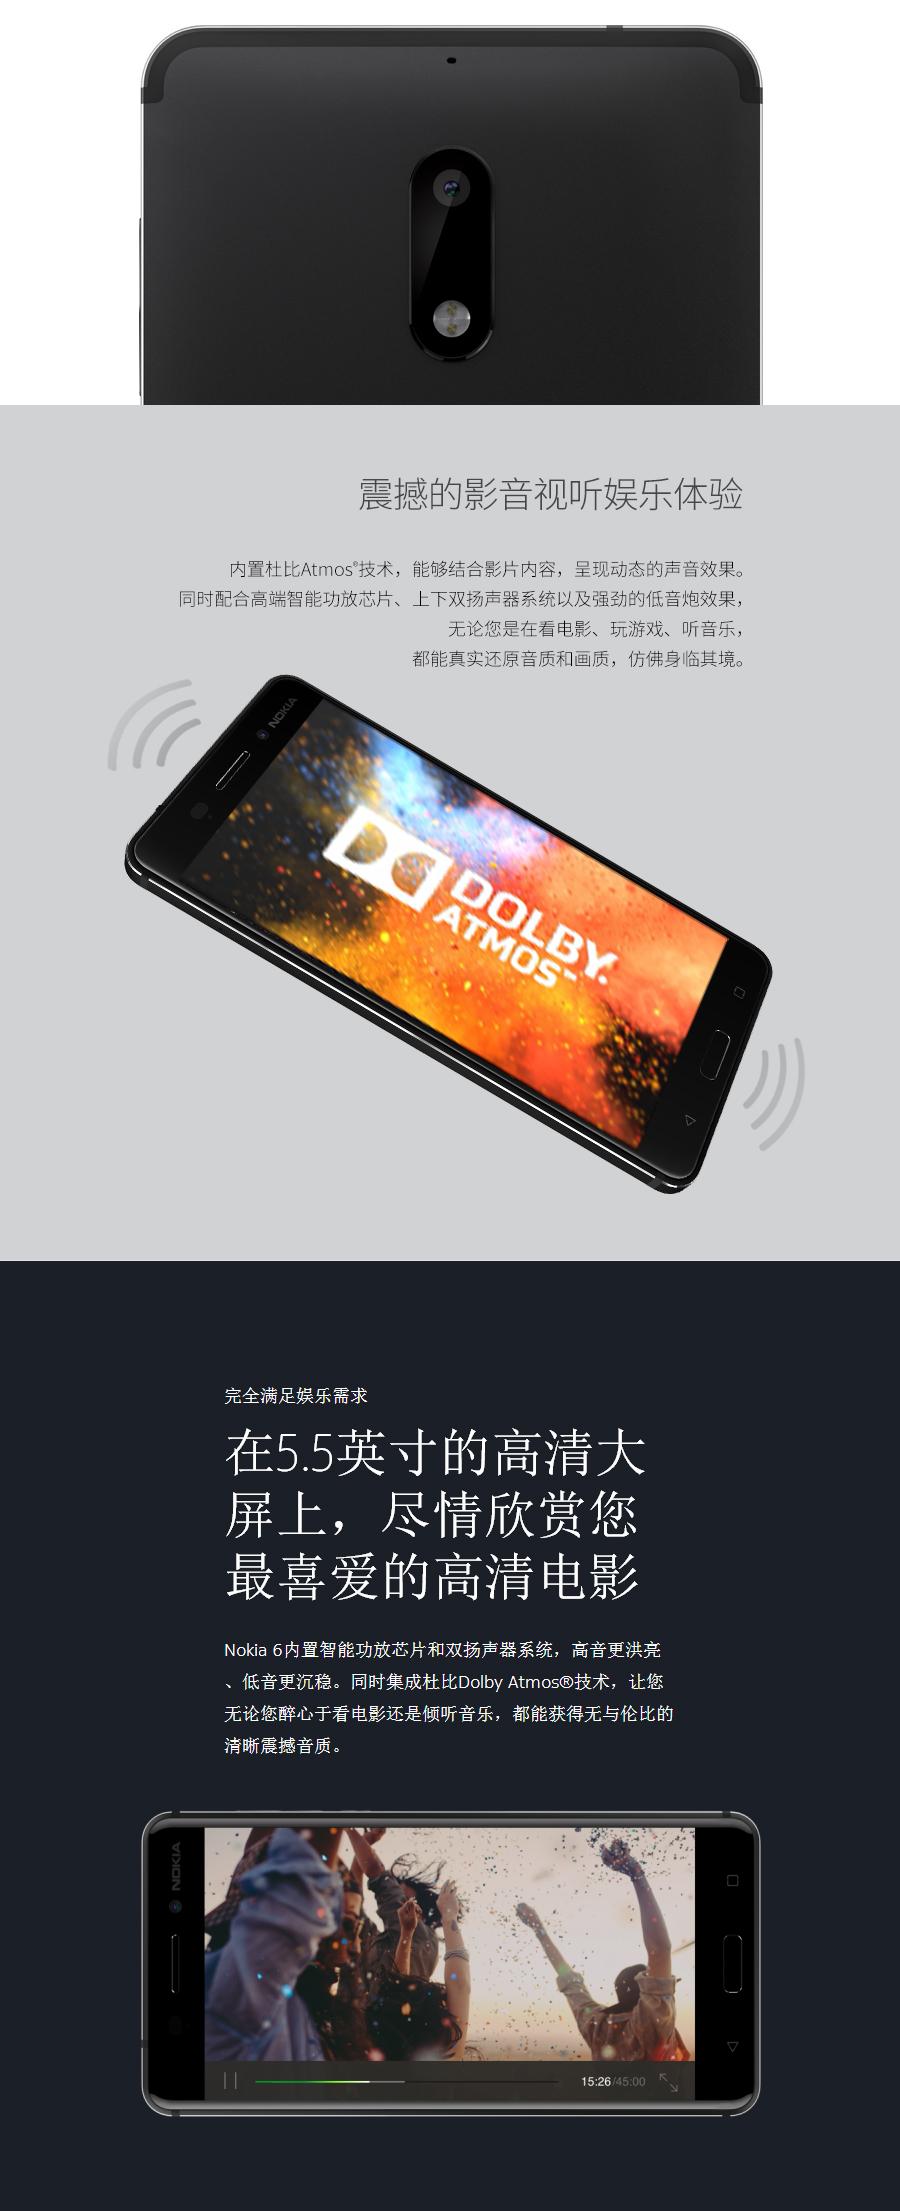 诺基亚 Nokia6 参数 报价 图片 幻想曲通讯移动版